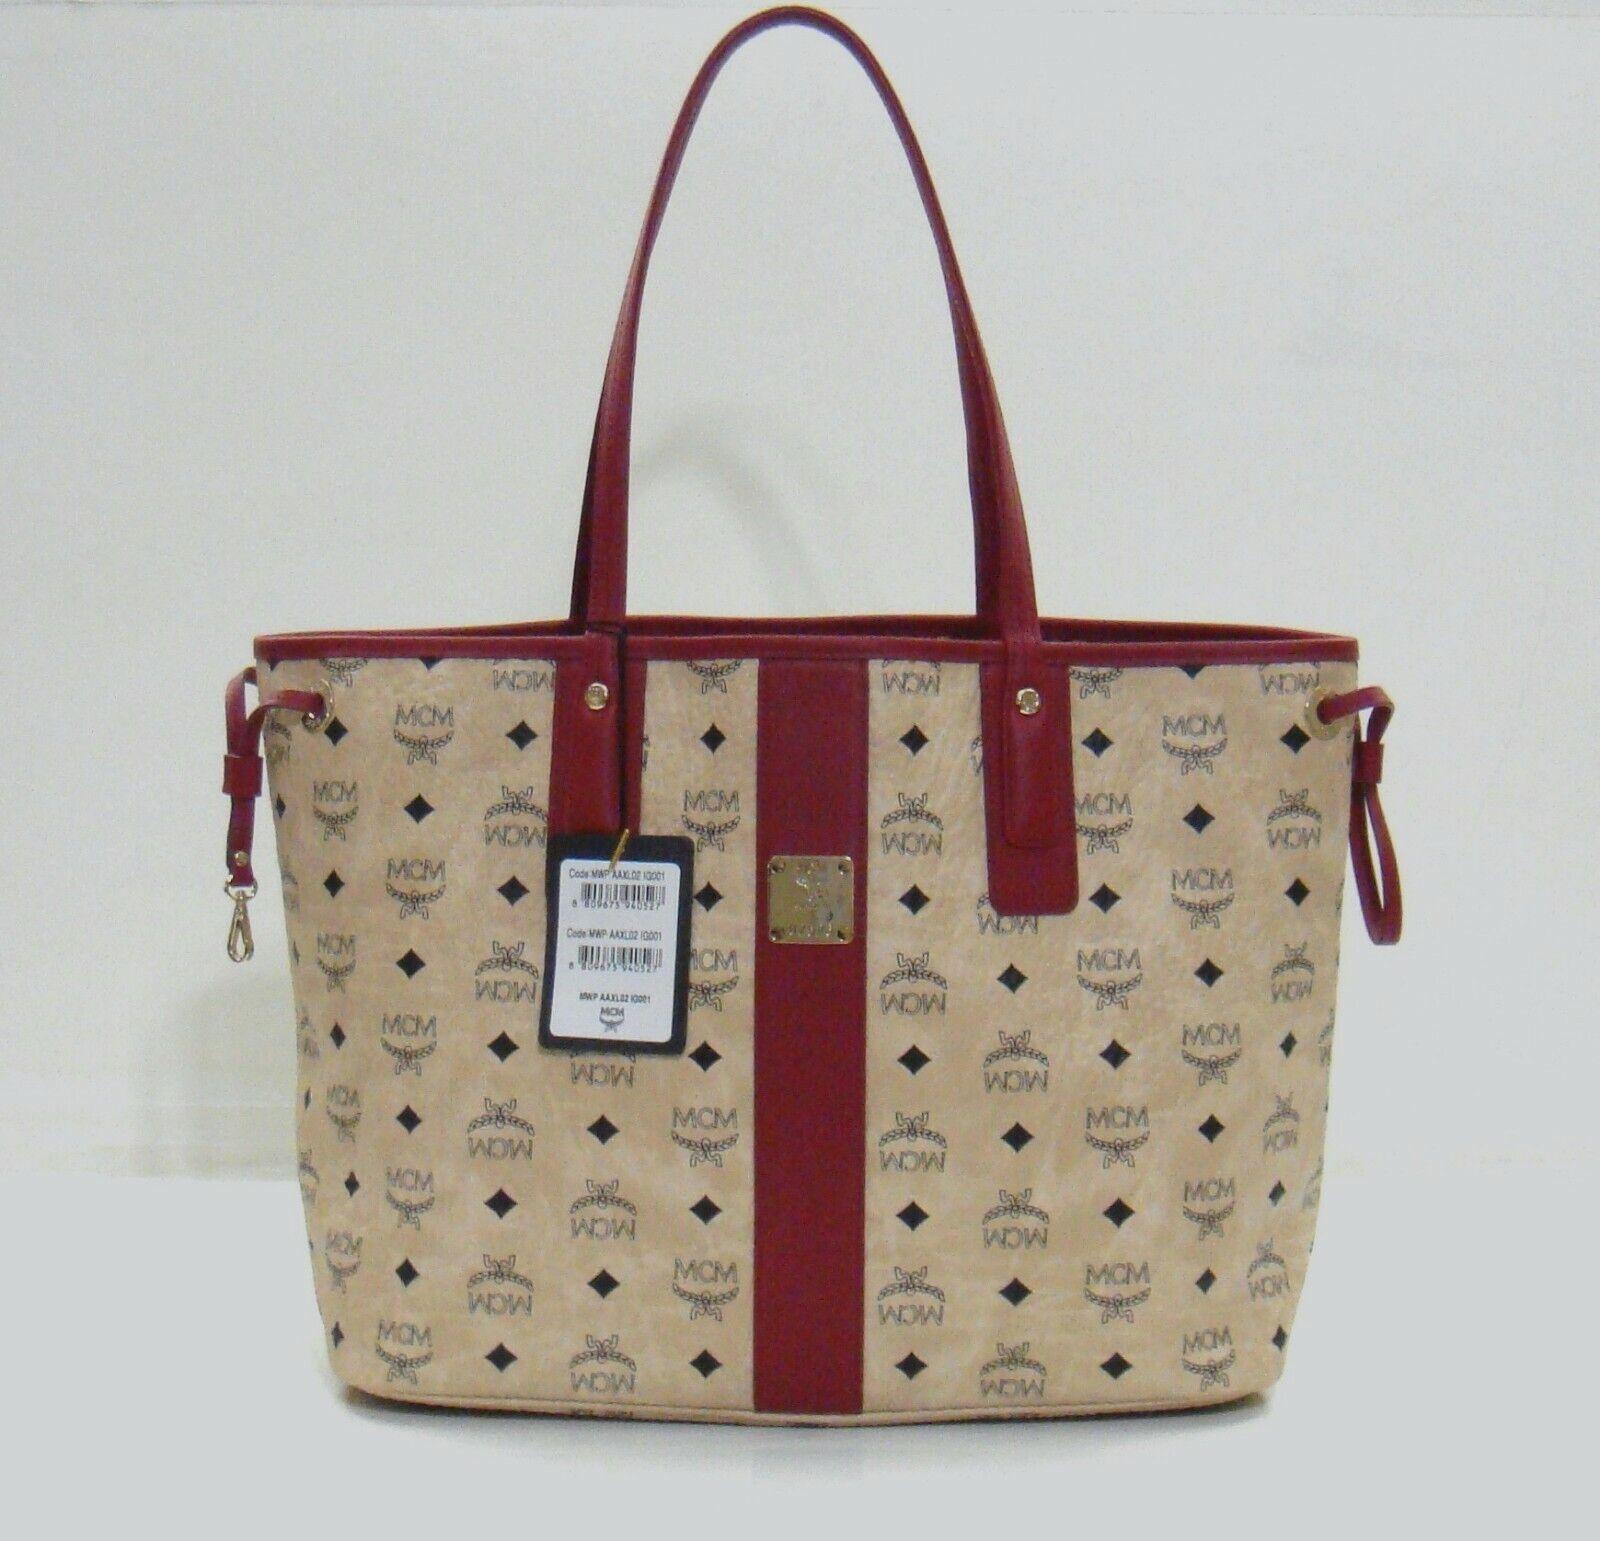 MCM Liz Visetos Beige Reversible Medium Shopper Tote Bag (Without Pouch)